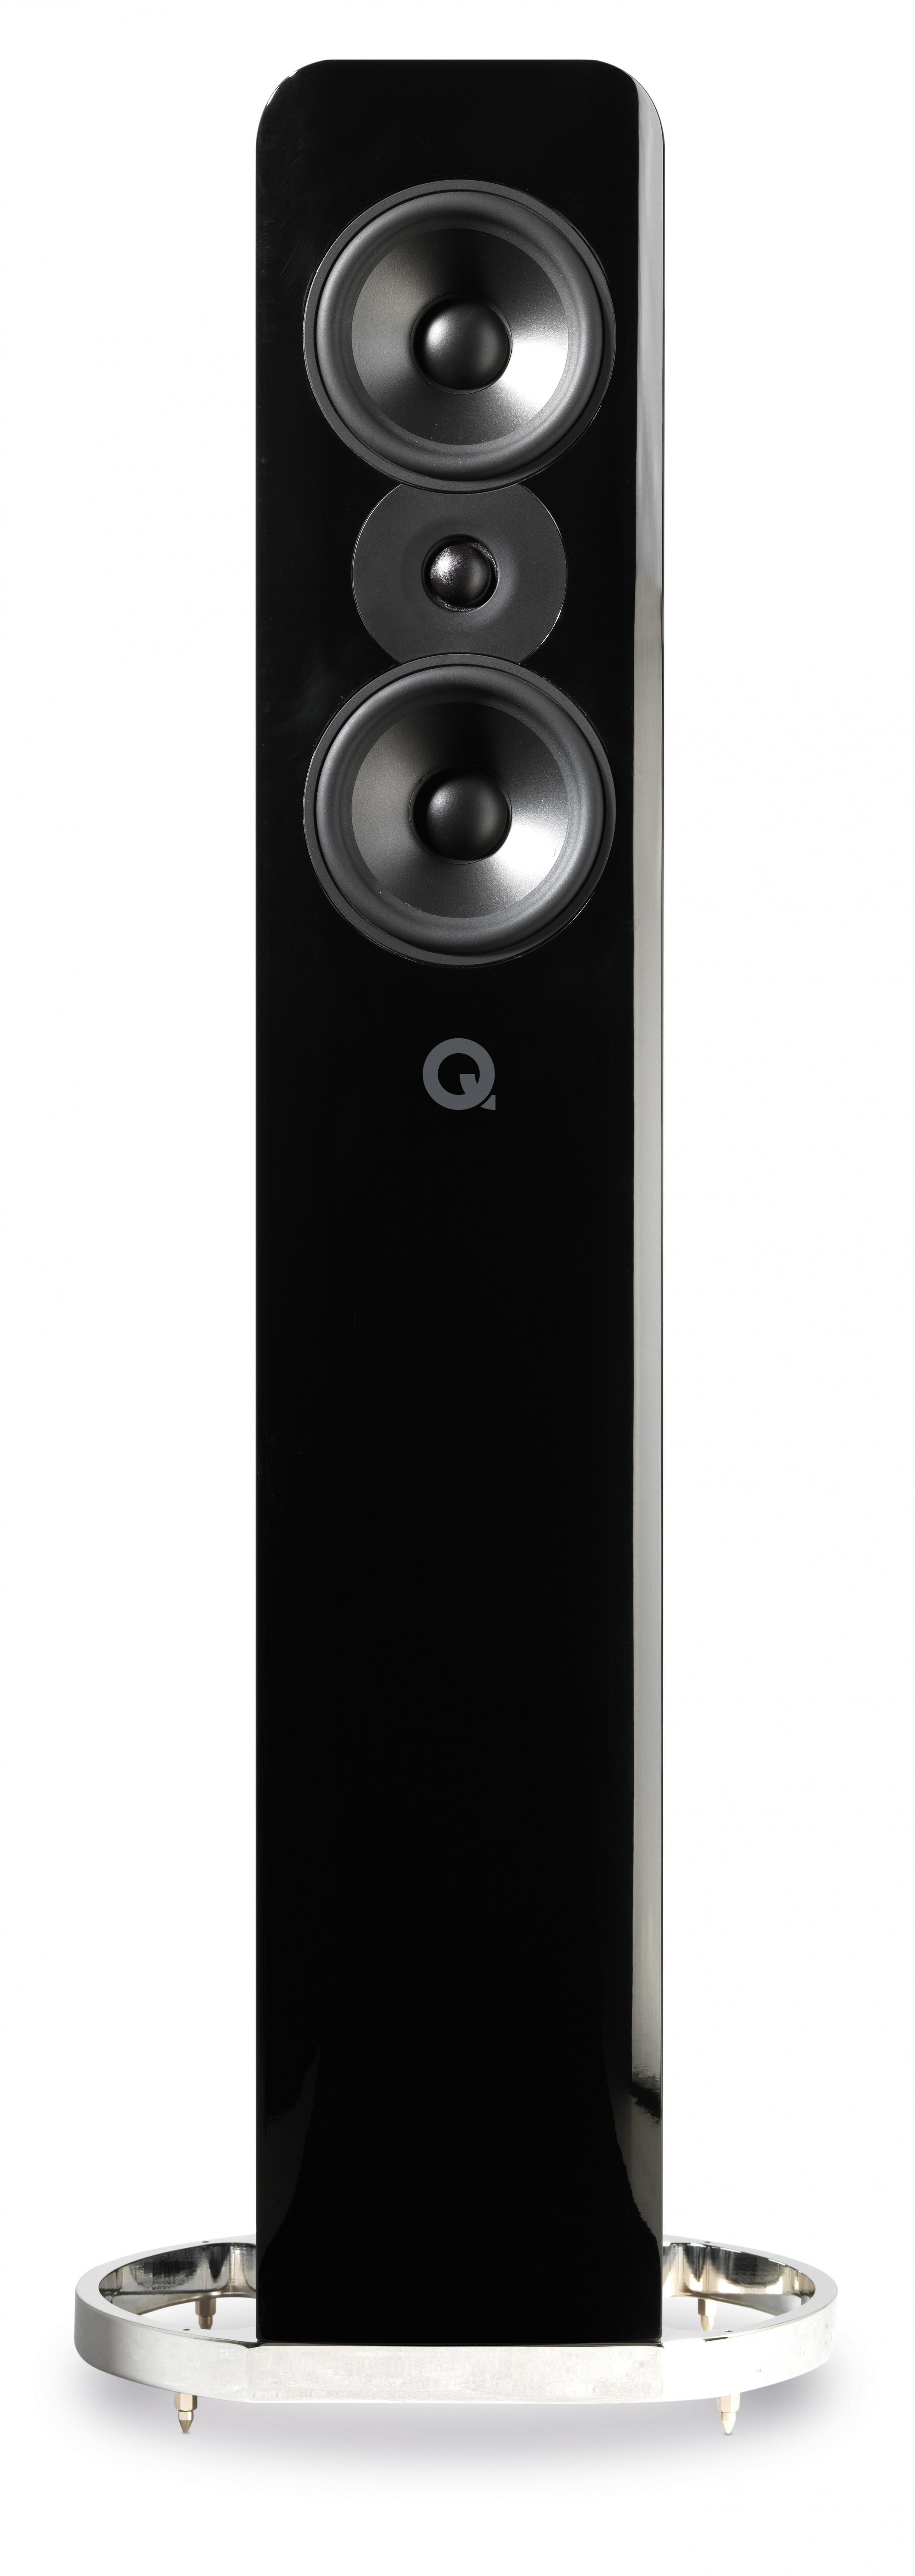 France marketing enceintes q acoustics concept 500 for Reputation meubles concept